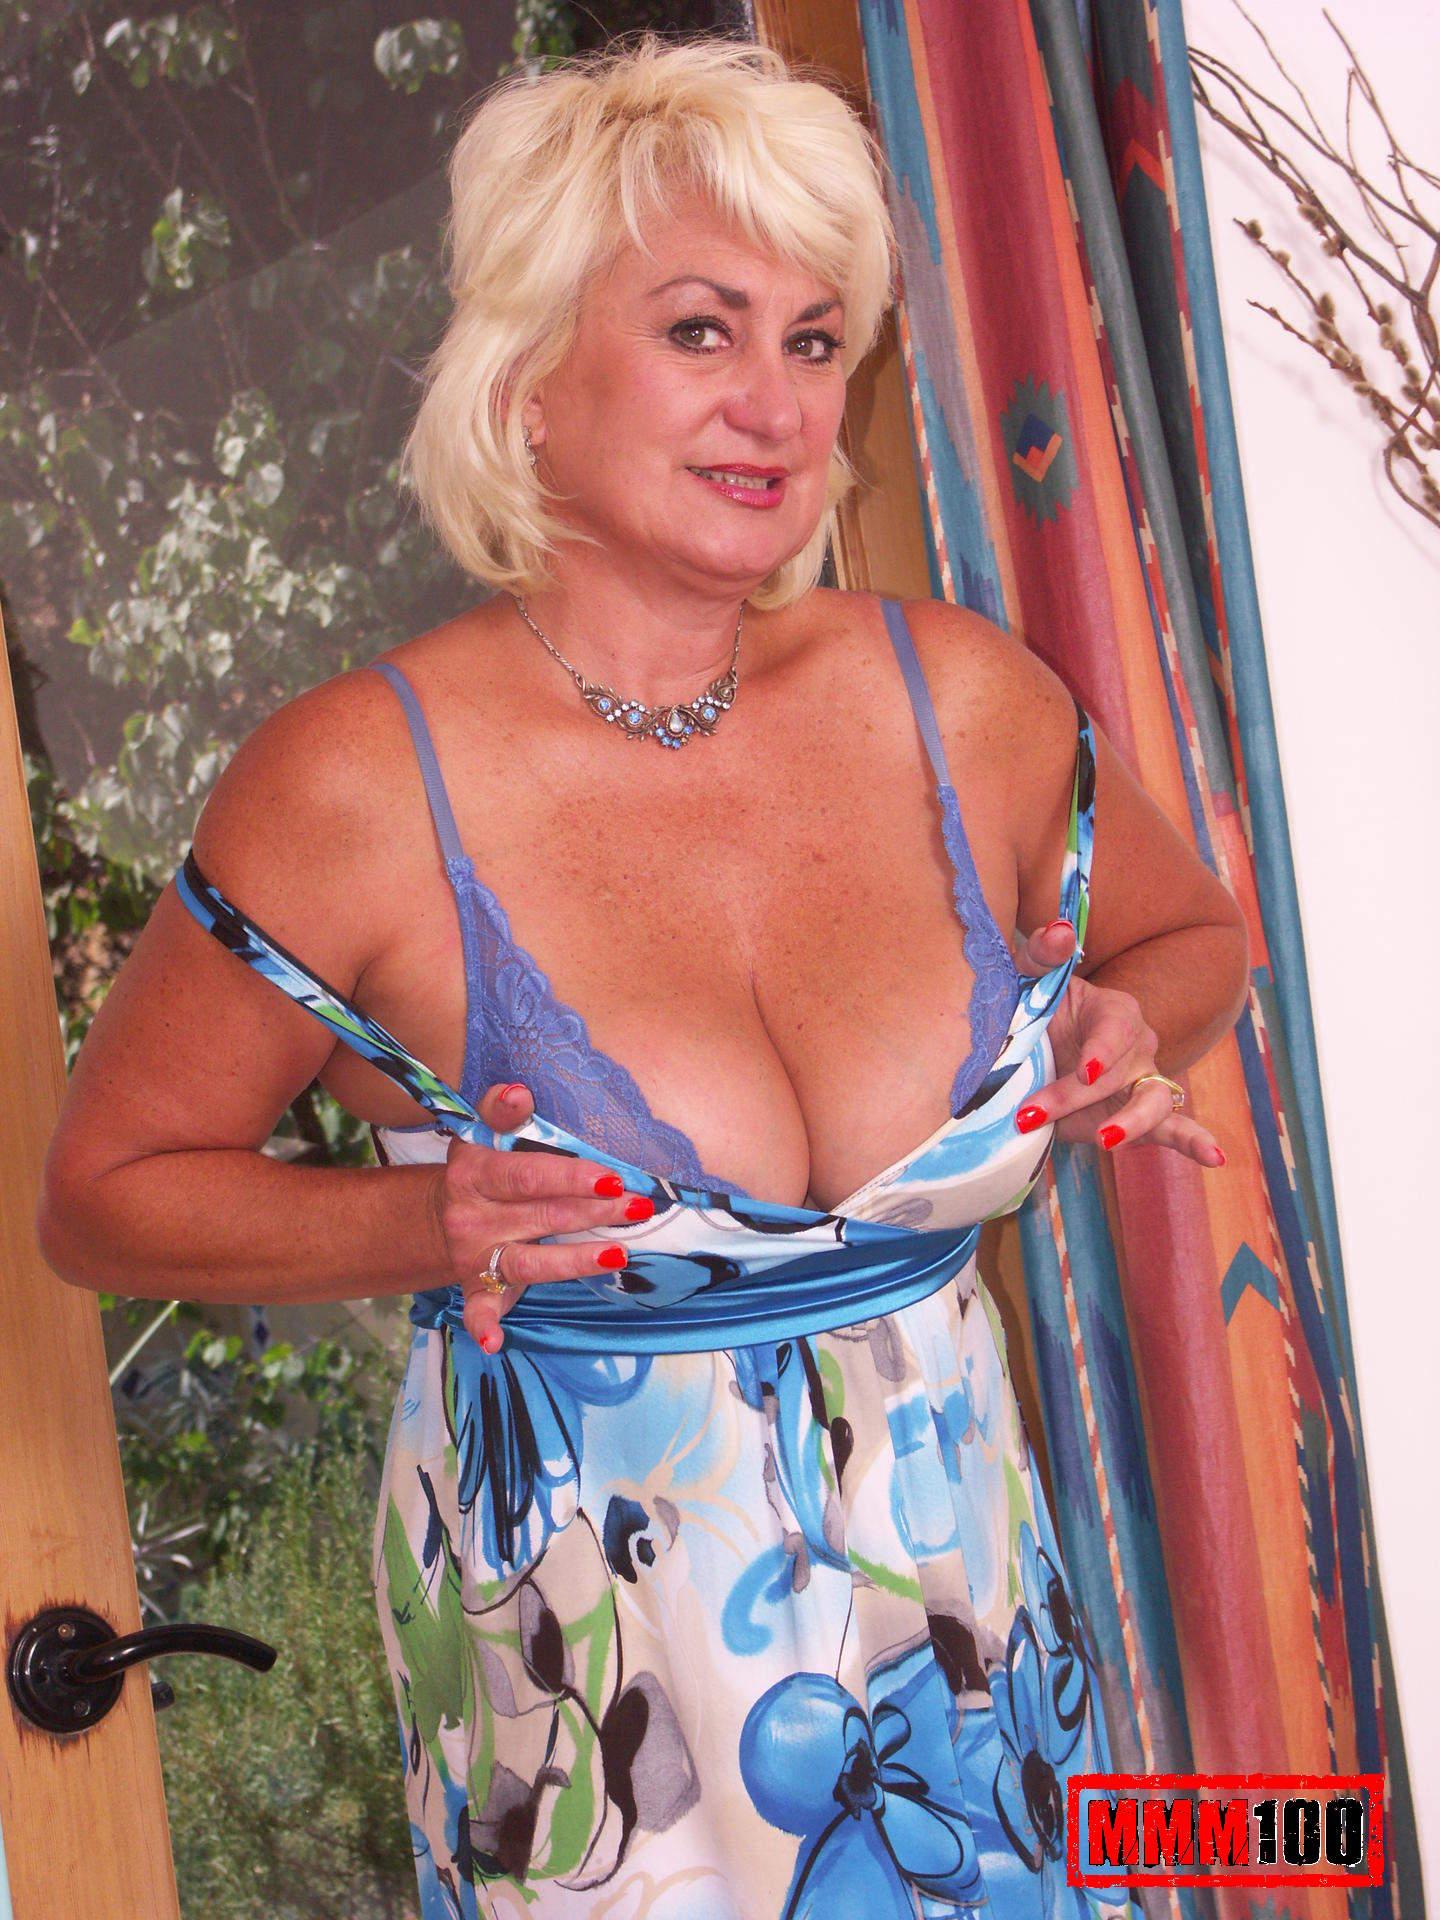 dana hayes naked pics